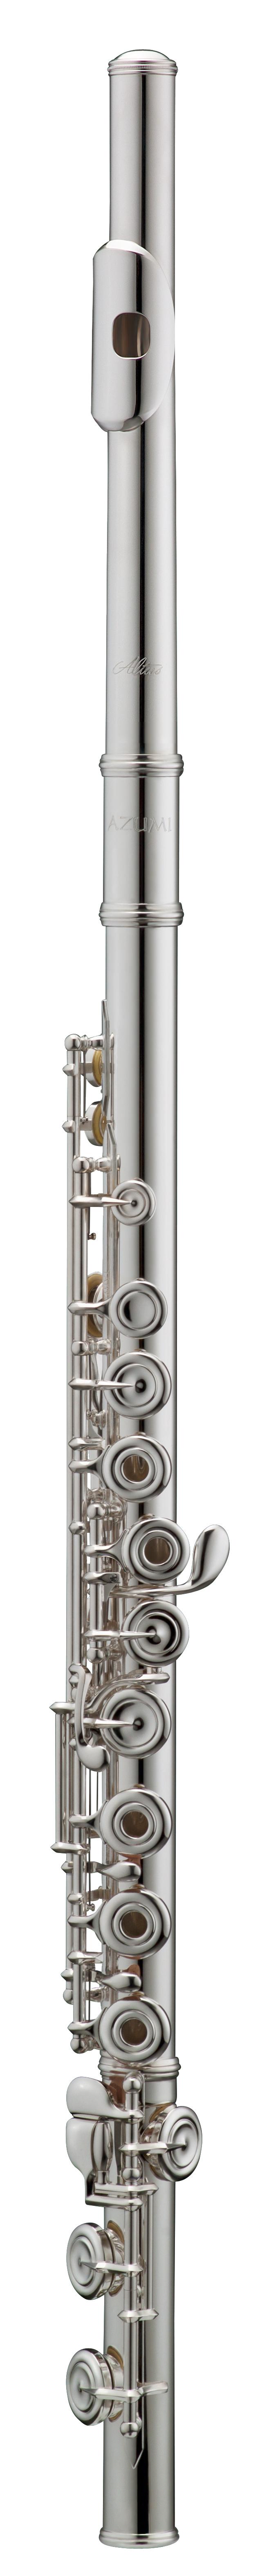 Azumi - AZ-S2 - RCEO - Holzblasinstrumente - Flöten mit E-Mechanik | MUSIK BERTRAM Deutschland Freiburg